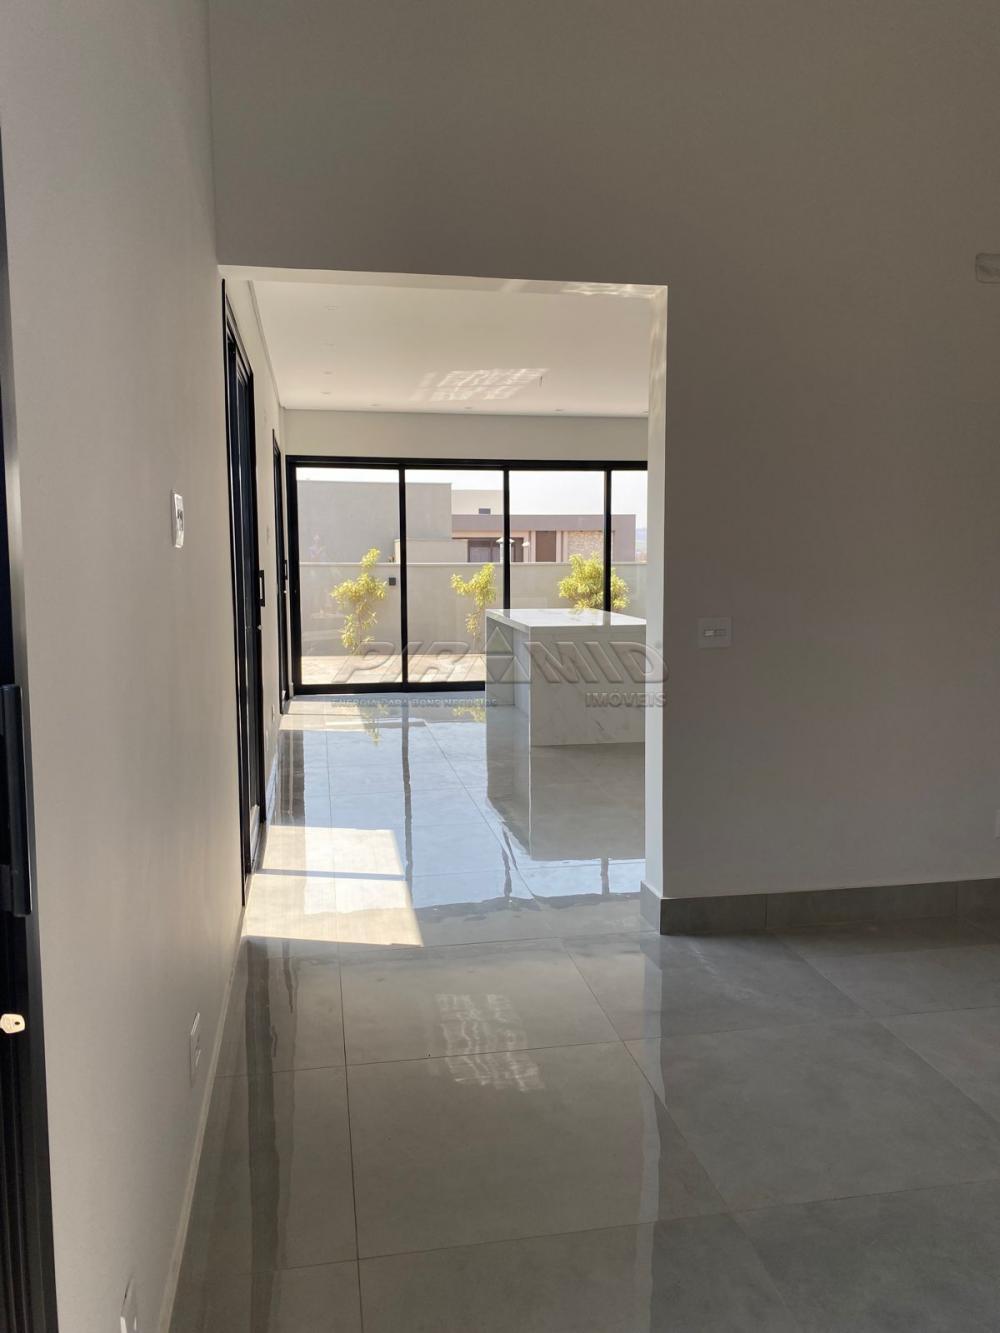 Comprar Casa / Condomínio em Ribeirão Preto R$ 1.350.000,00 - Foto 9